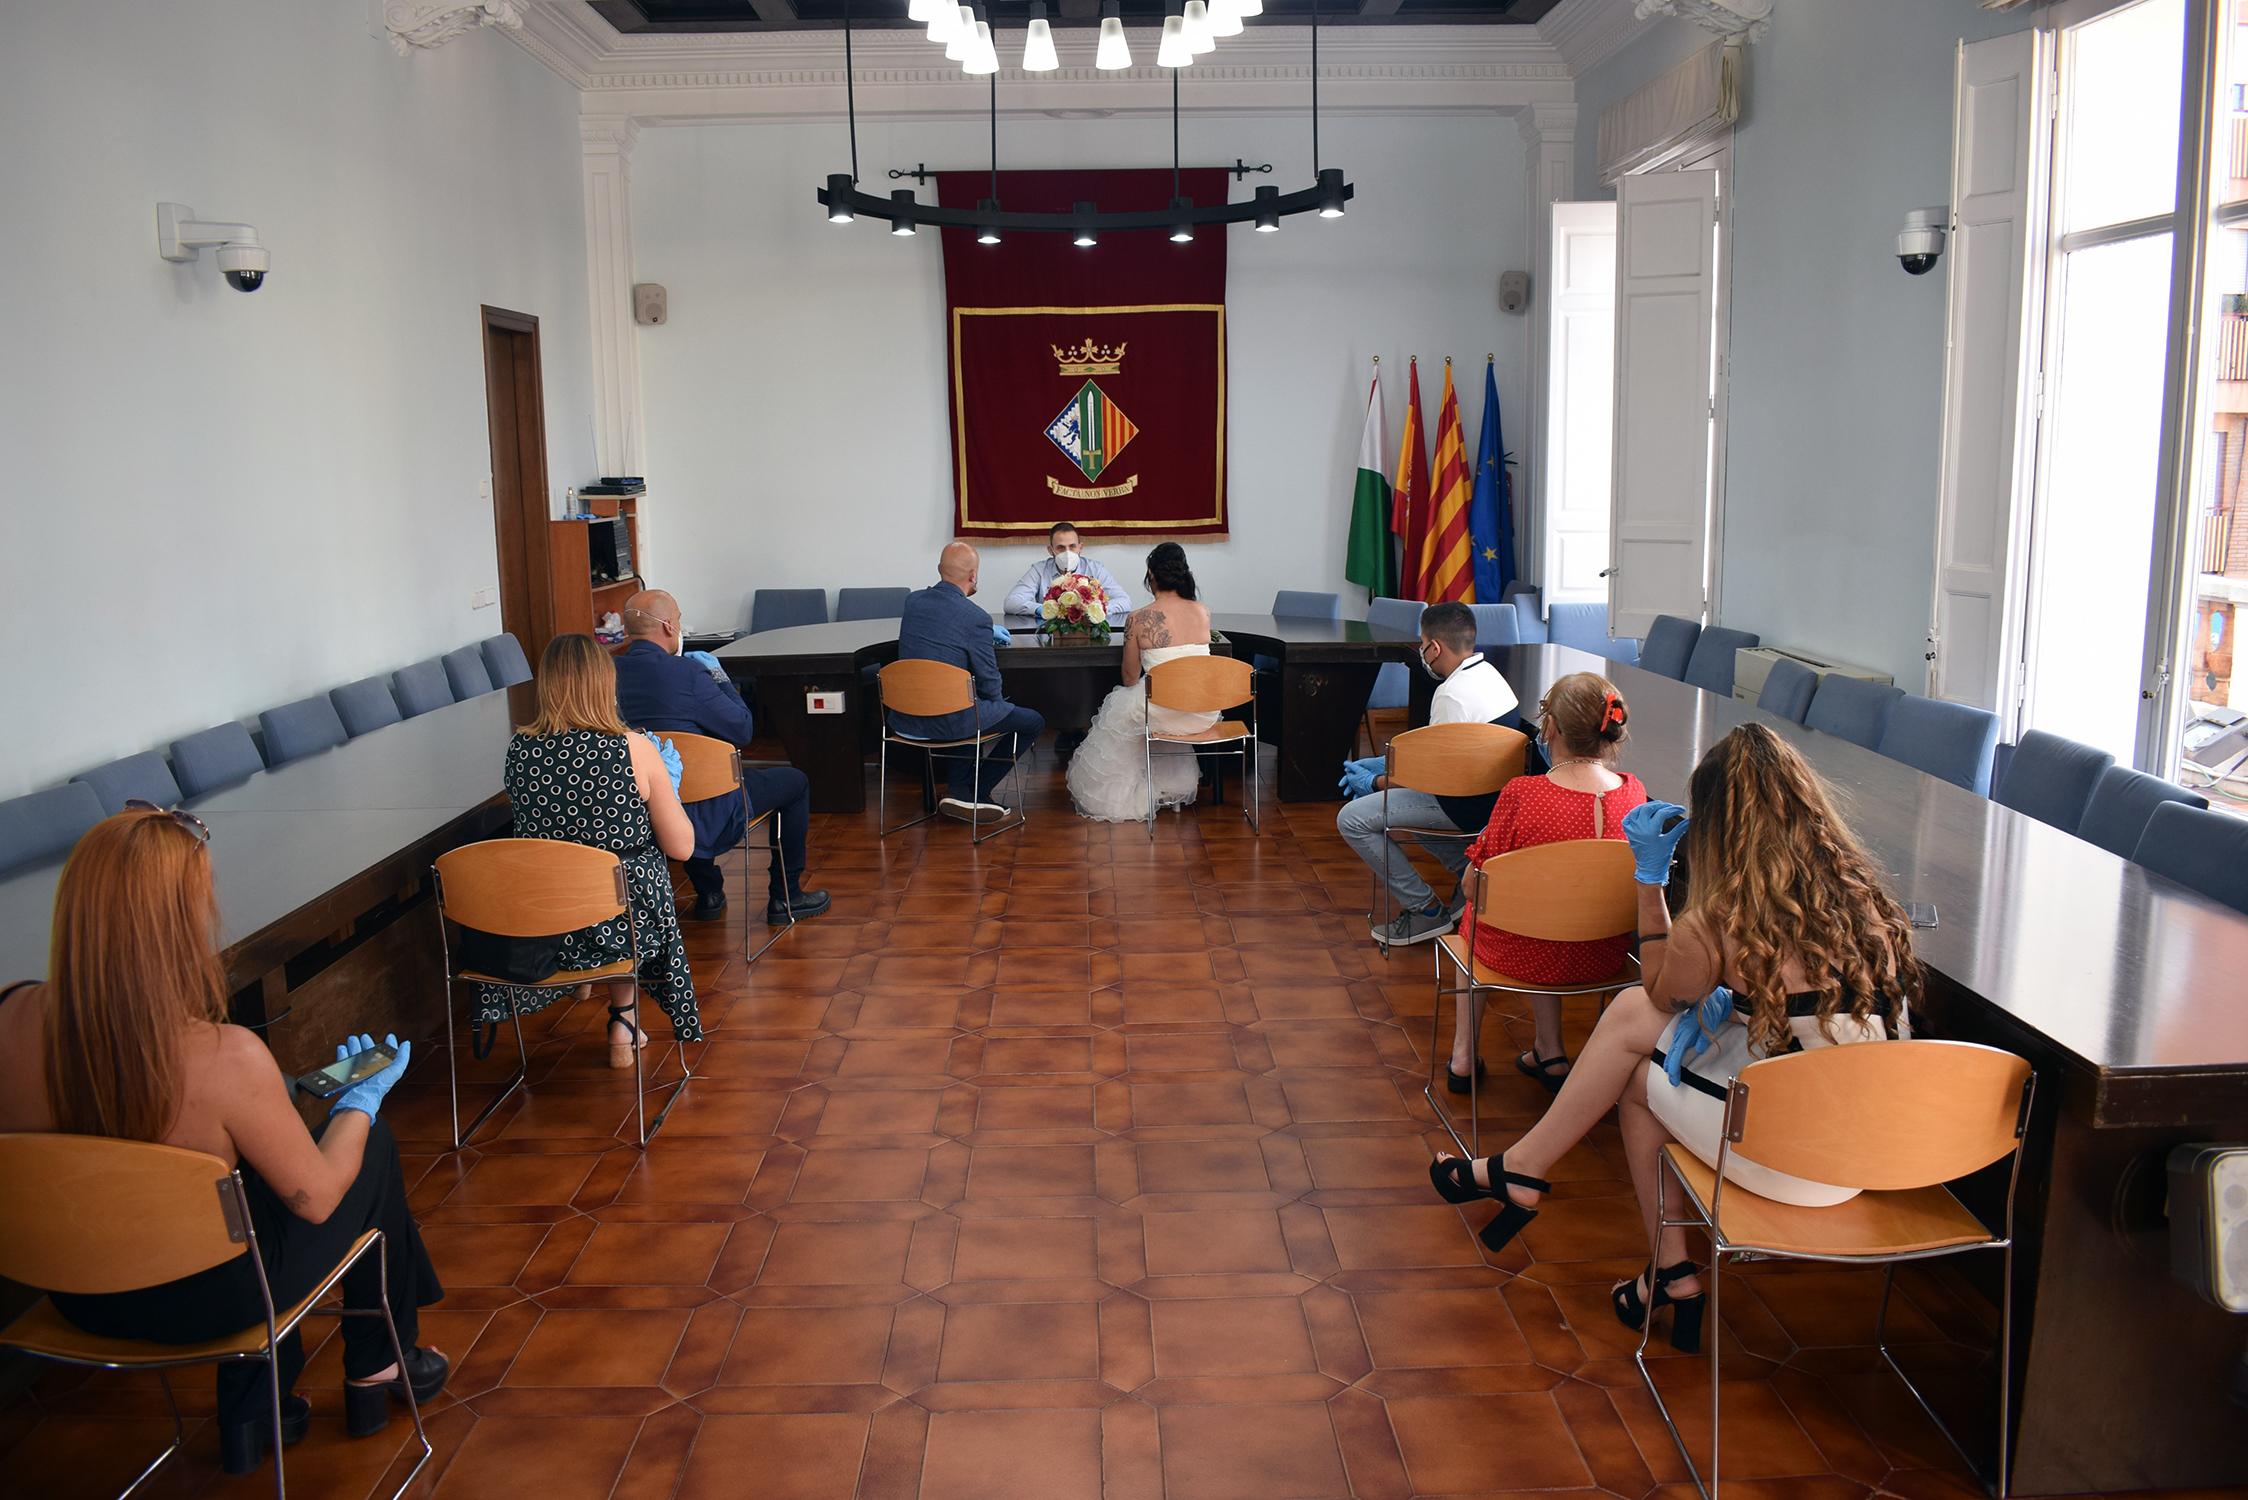 Primer casament a la sala de plens després del tancament | Ajuntament de Cerdanyola